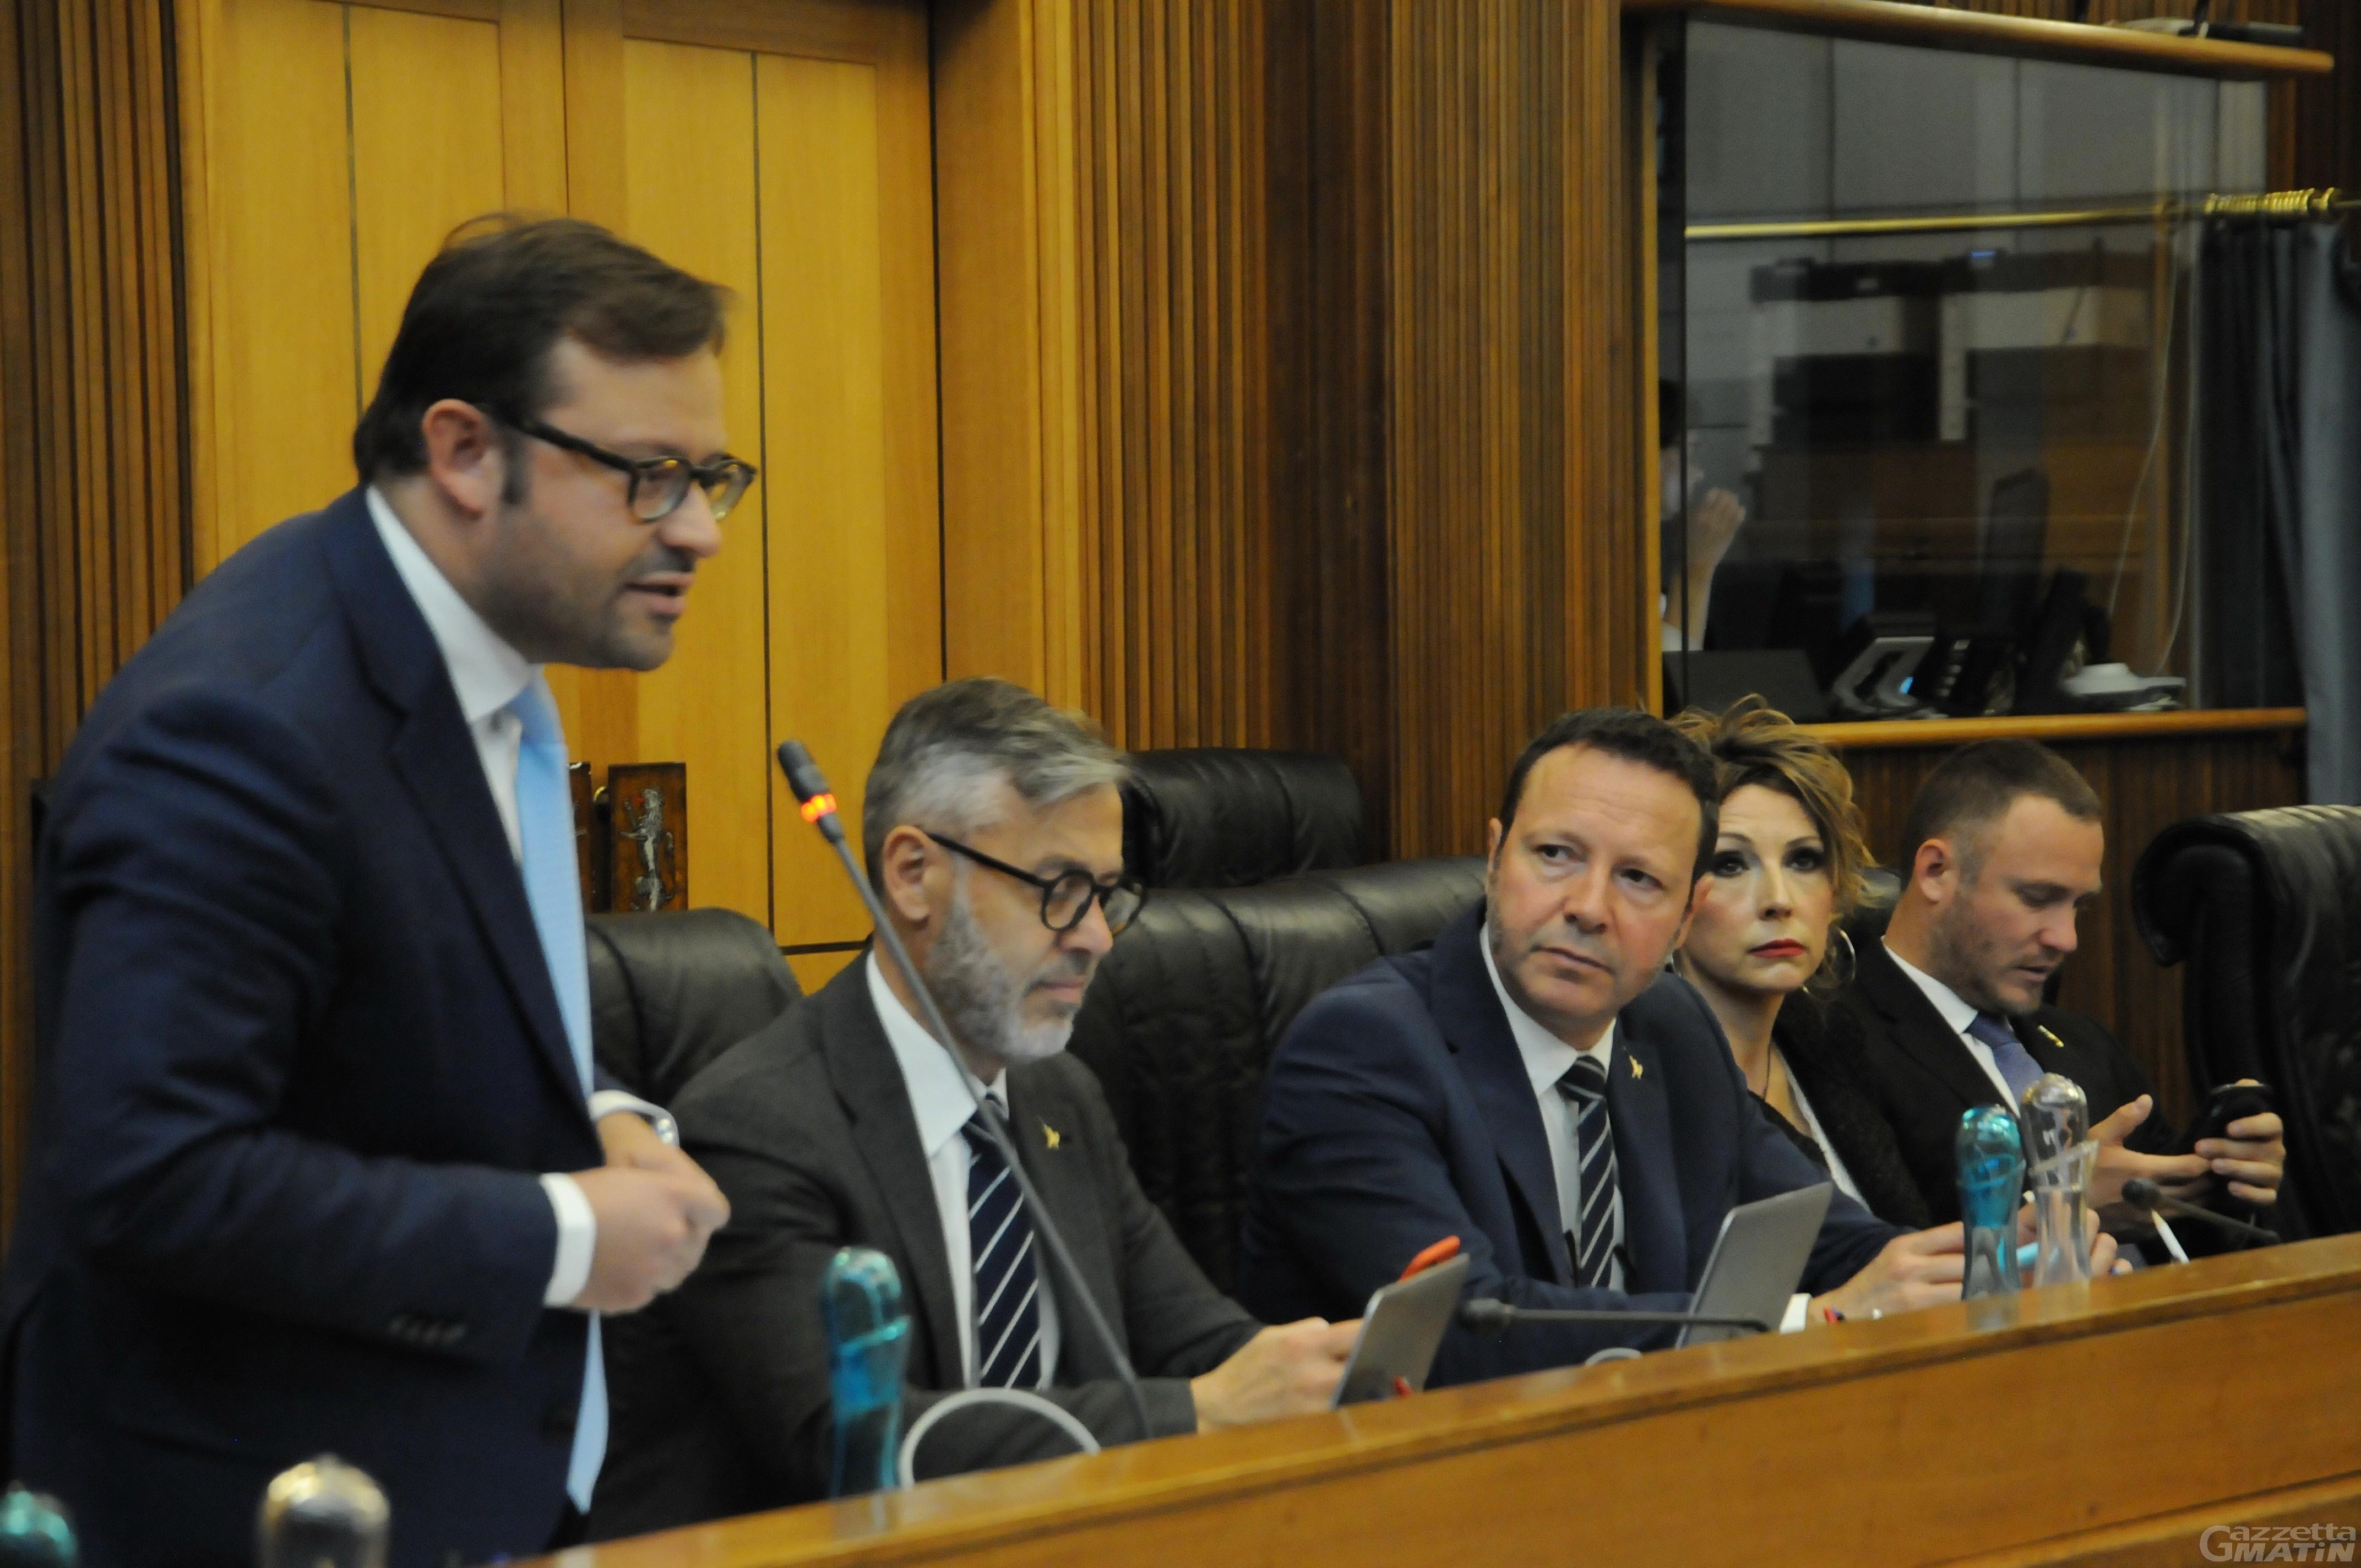 Imprese in difficoltà, proposta di legge della Lega Vallée d'Aoste